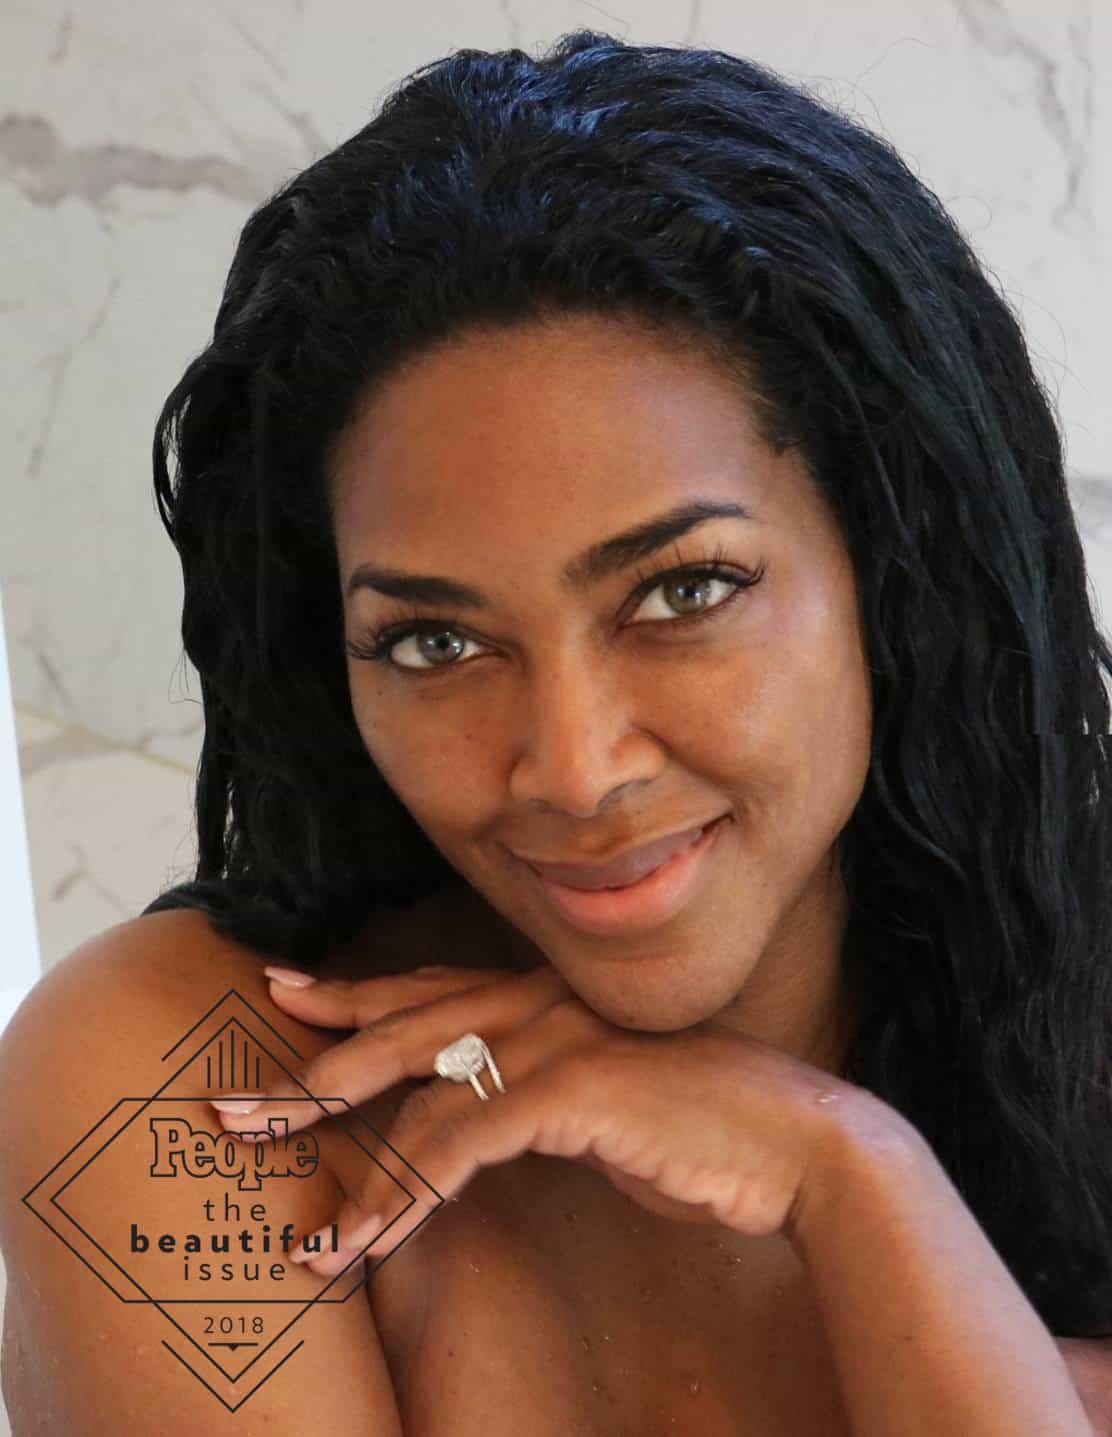 RHOA kenya moore no makeup photo